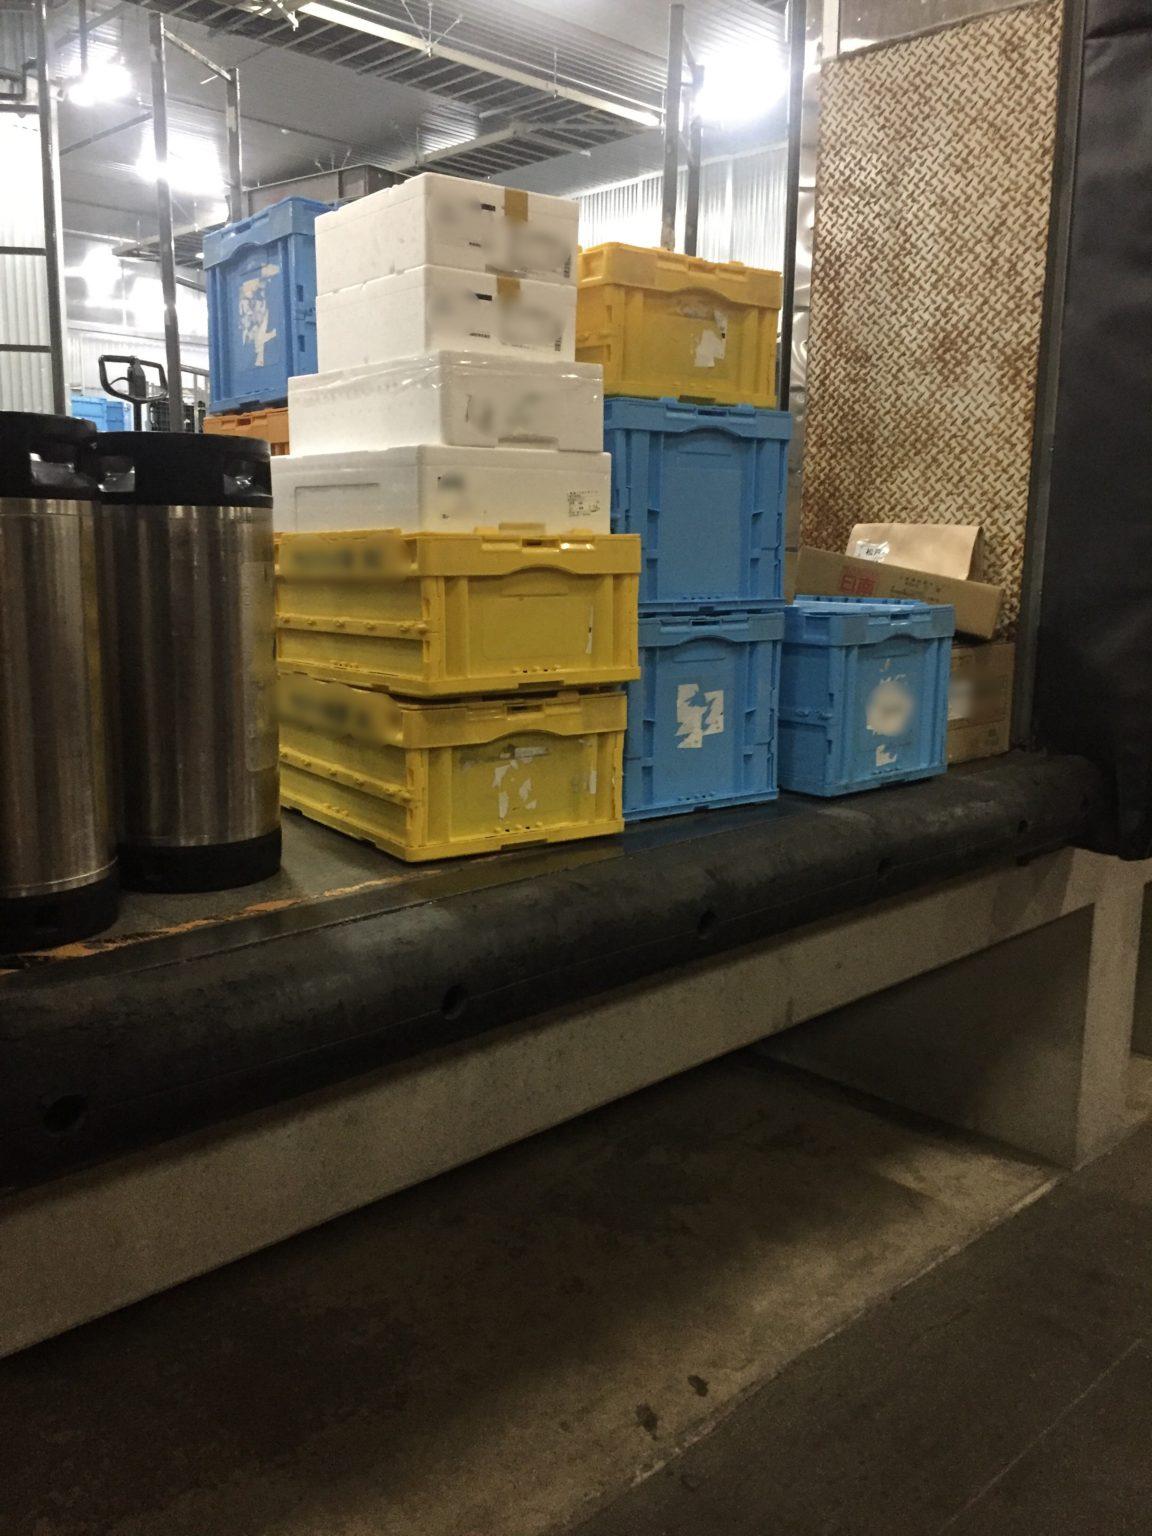 飲食店への軽貨物配送 【軽貨物運送の検証ブログ】